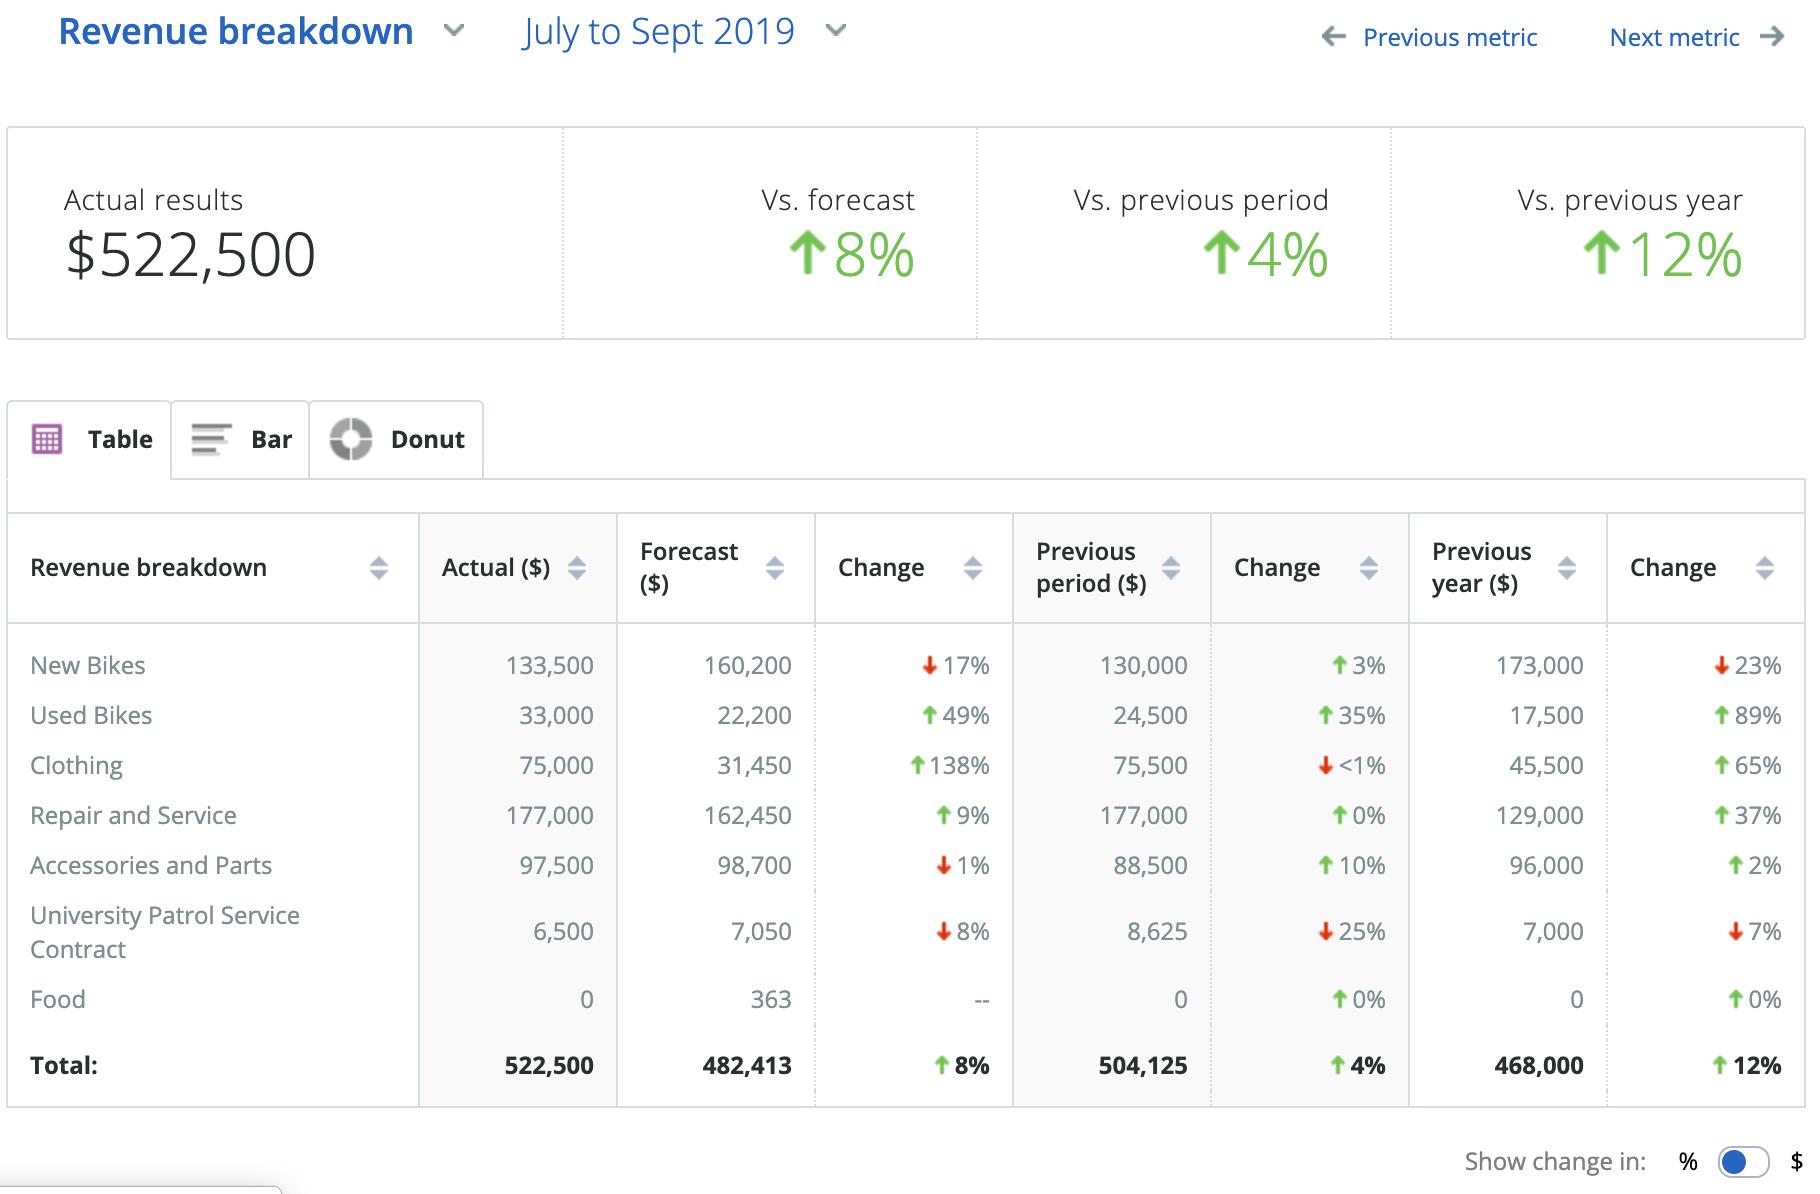 LivePlan Revenue Breakdown